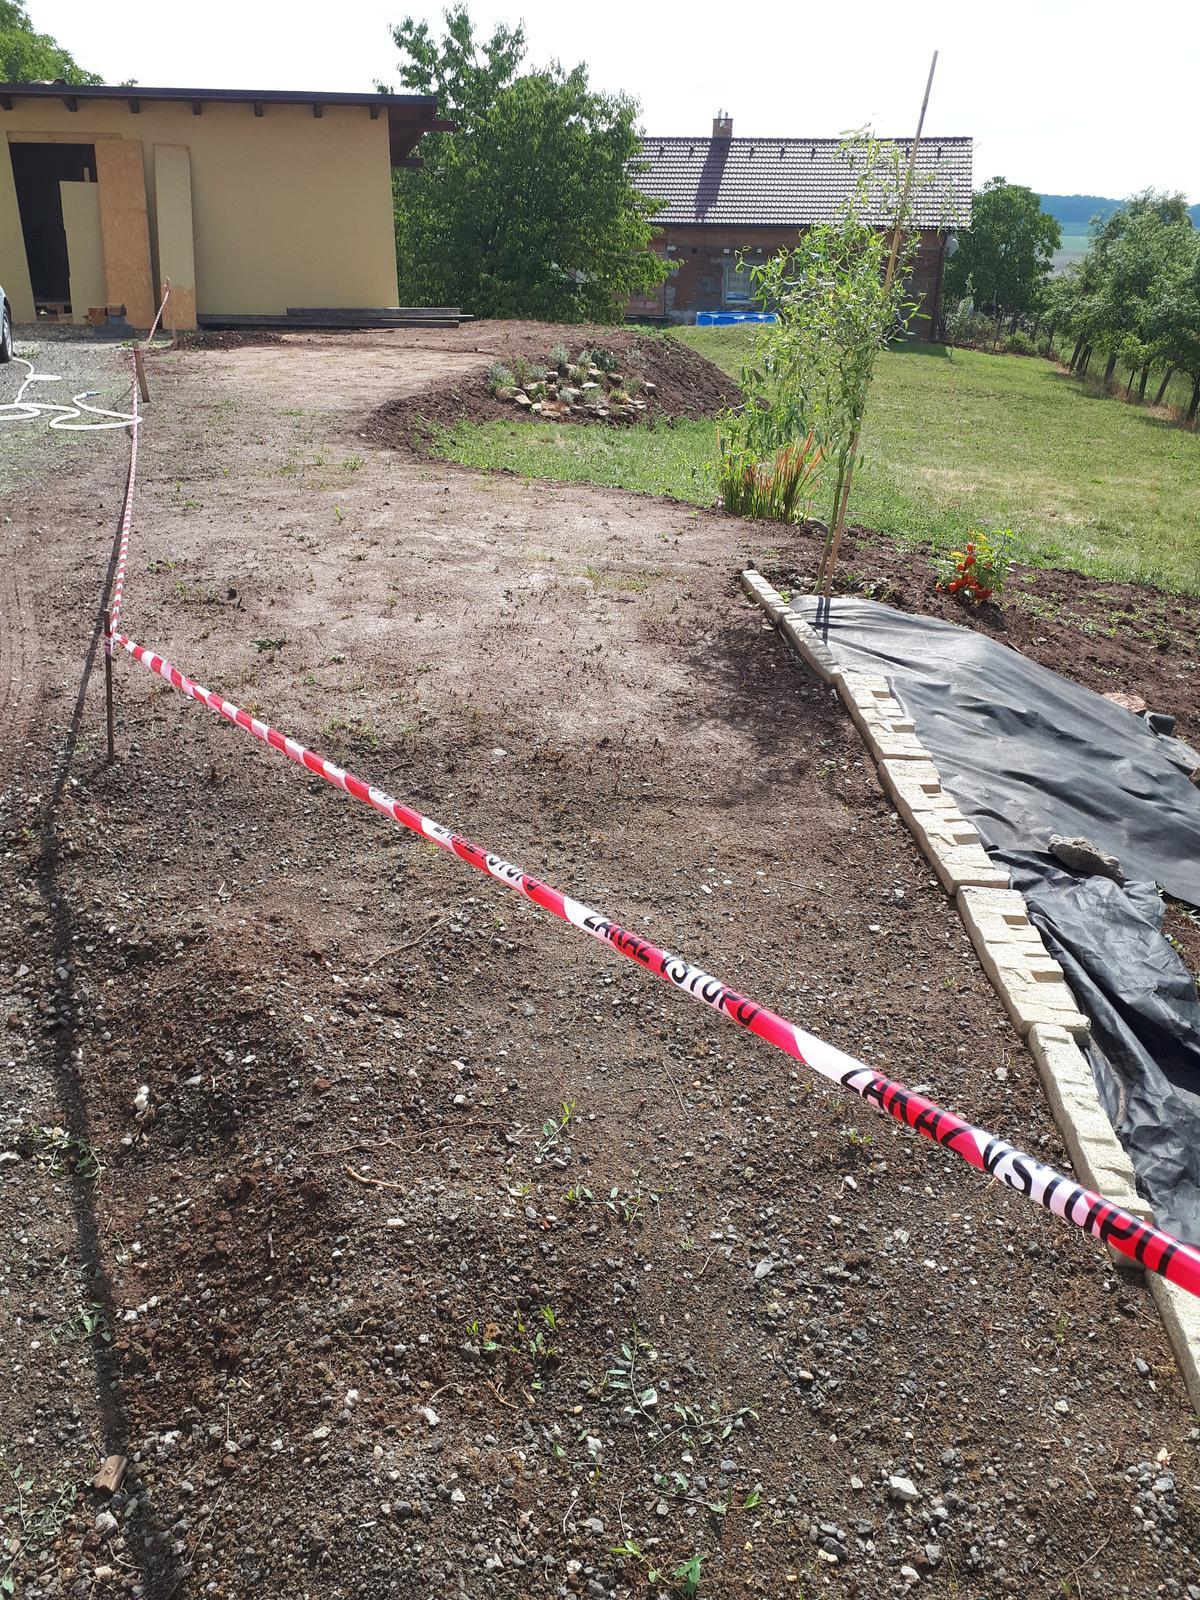 Venku (tam kde už to nevypadá jako staveniště) - Dostali jsme hlínu,tak jsme dorovnali část zahrady a tady jsem zasela trávu (proto ta páska)